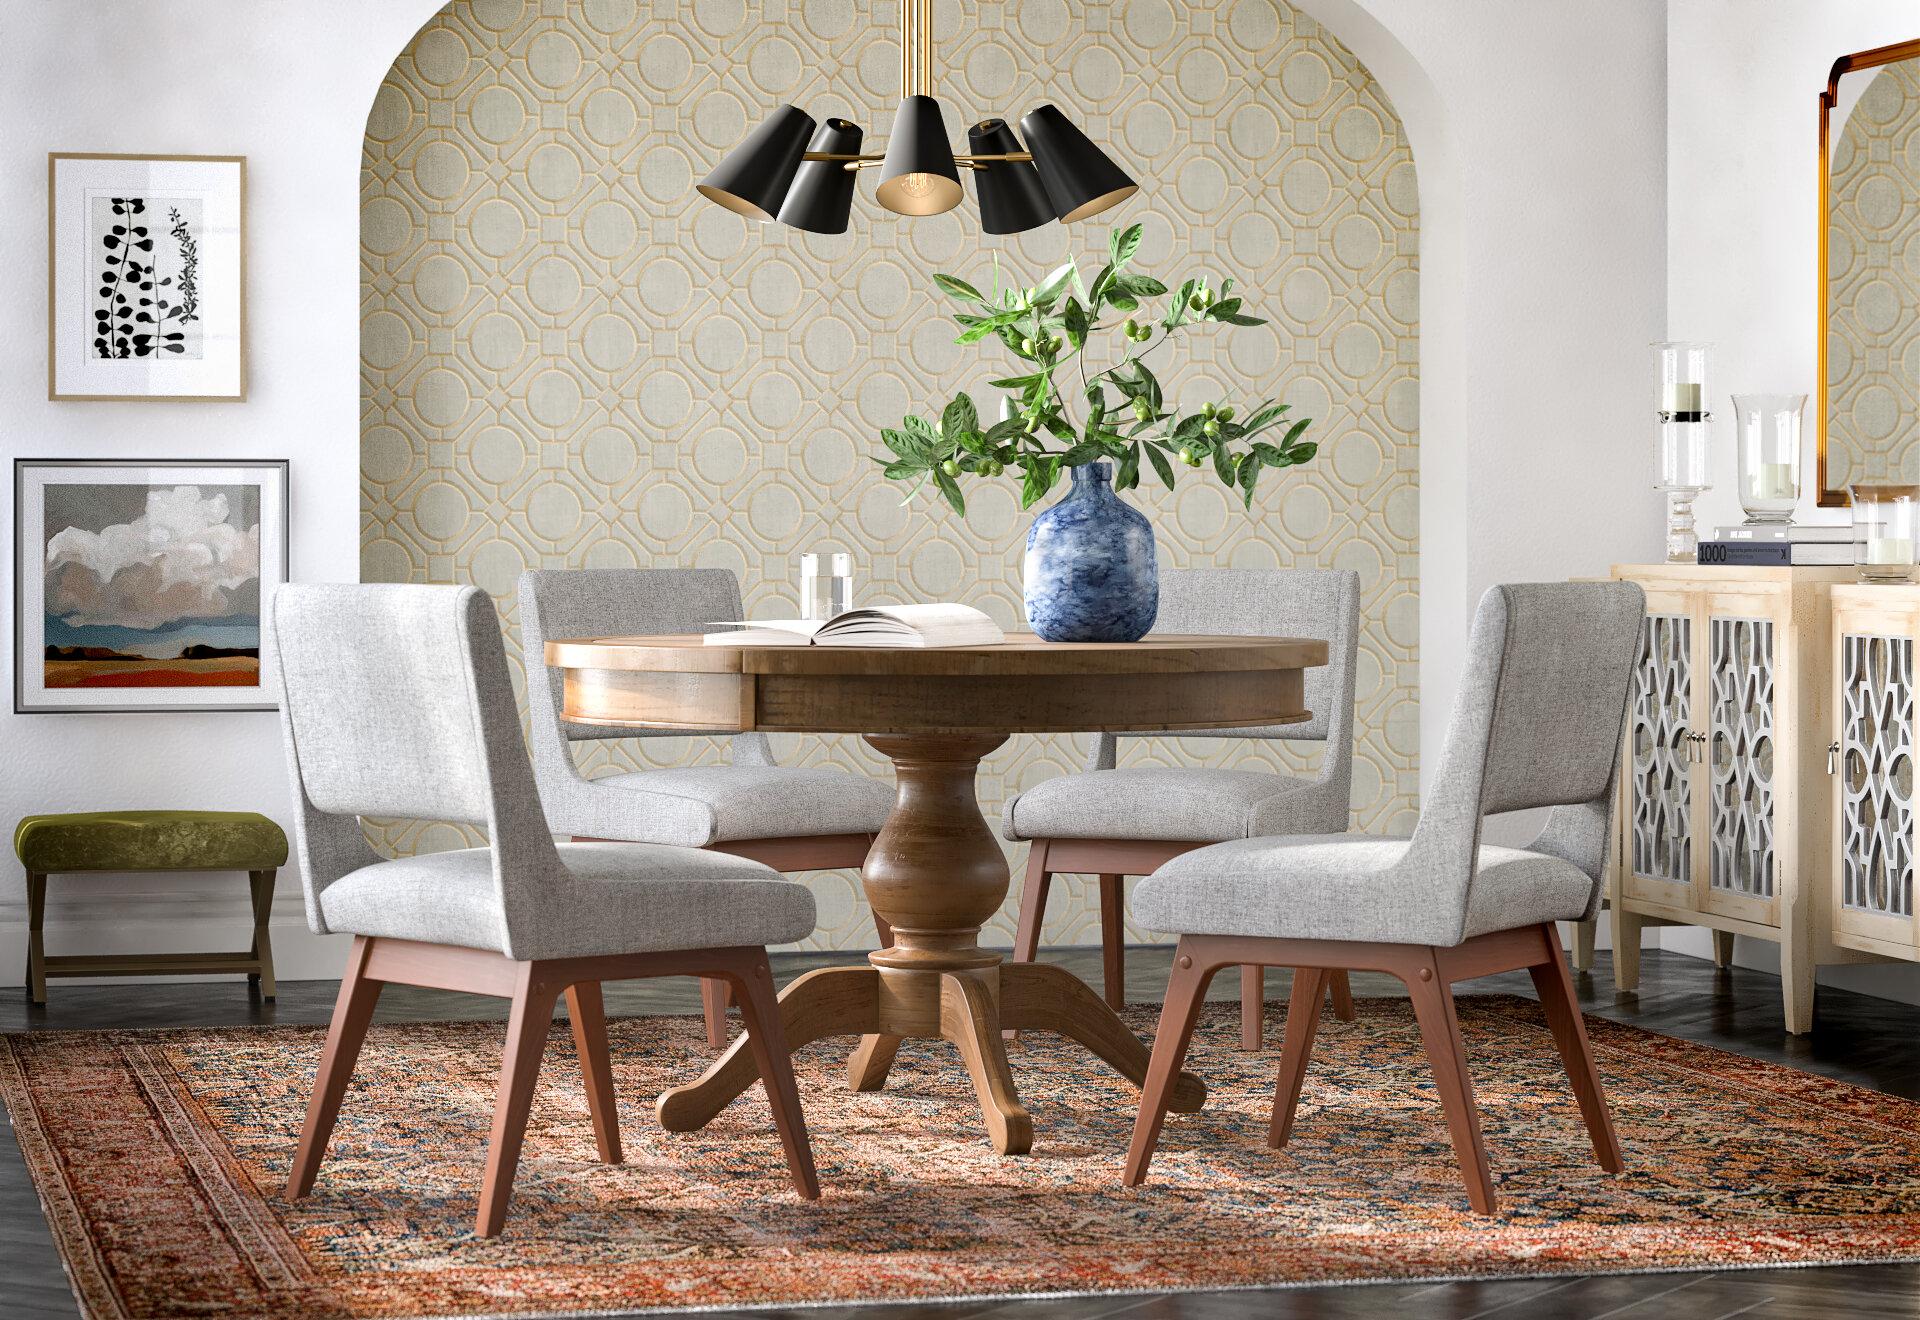 Transitional Dining Room Design Ideas | Joss & Main